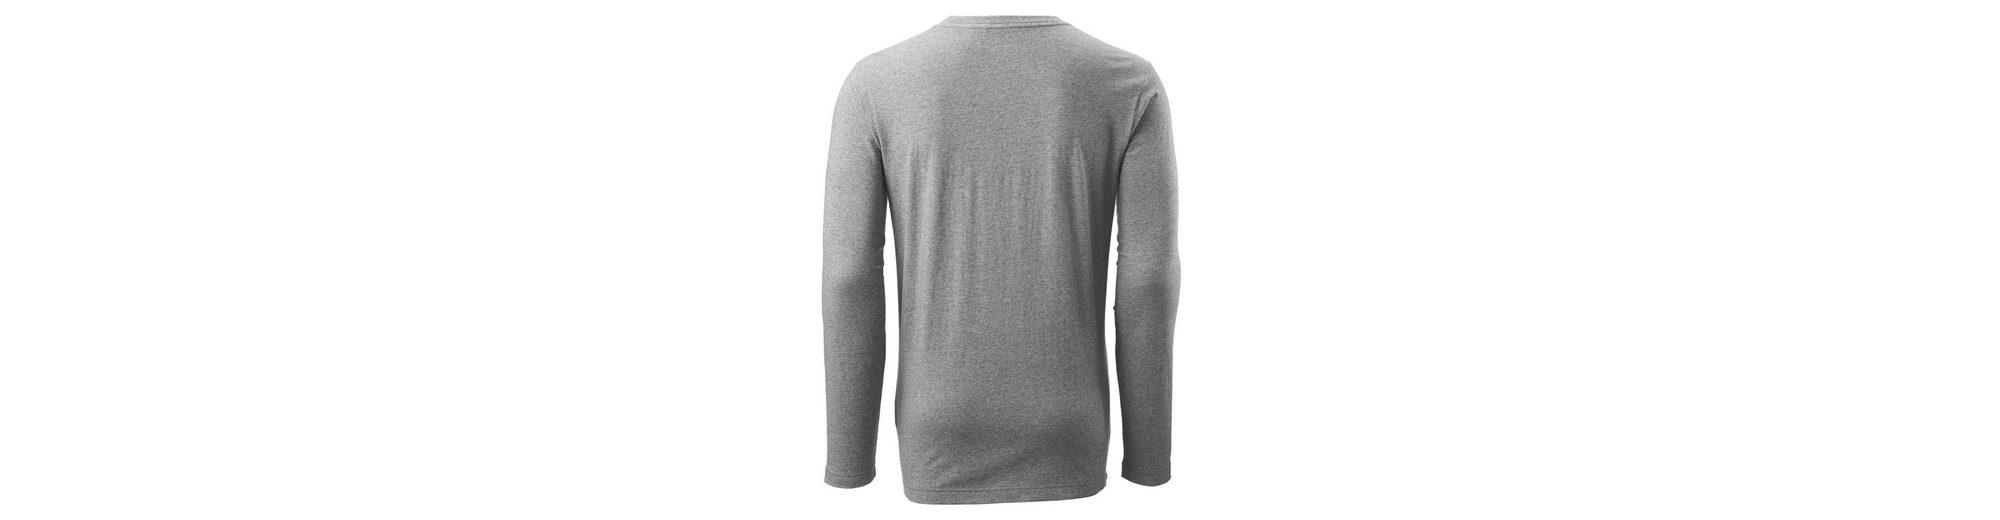 Footaction Neue Stile Kathmandu Langarmshirt mit Aufdruck für Herren Verkauf Wahl Ost Veröffentlichungstermine Erschwinglich Zu Verkaufen AFPJ3Gc8f